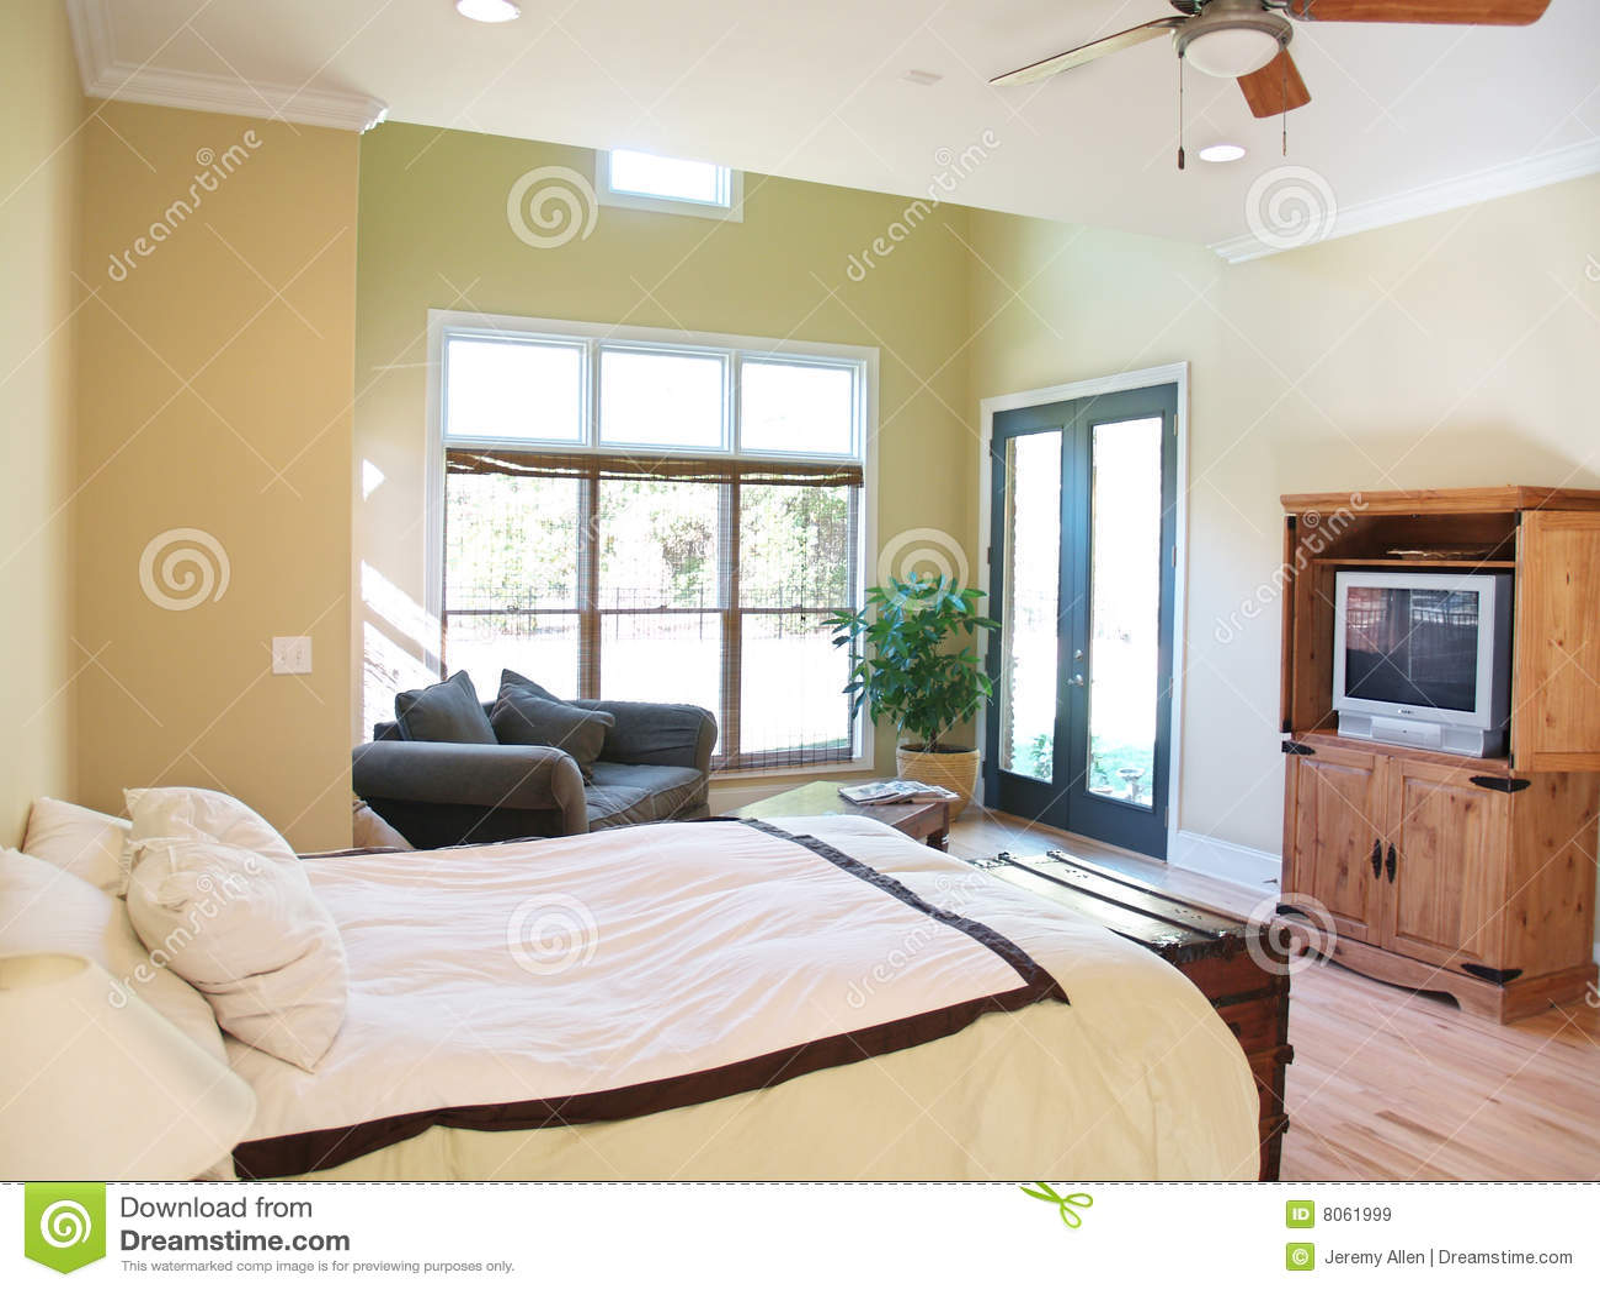 Camera da letto rustica luminosa immagine stock immagine - Camera da letto rustica moderna ...